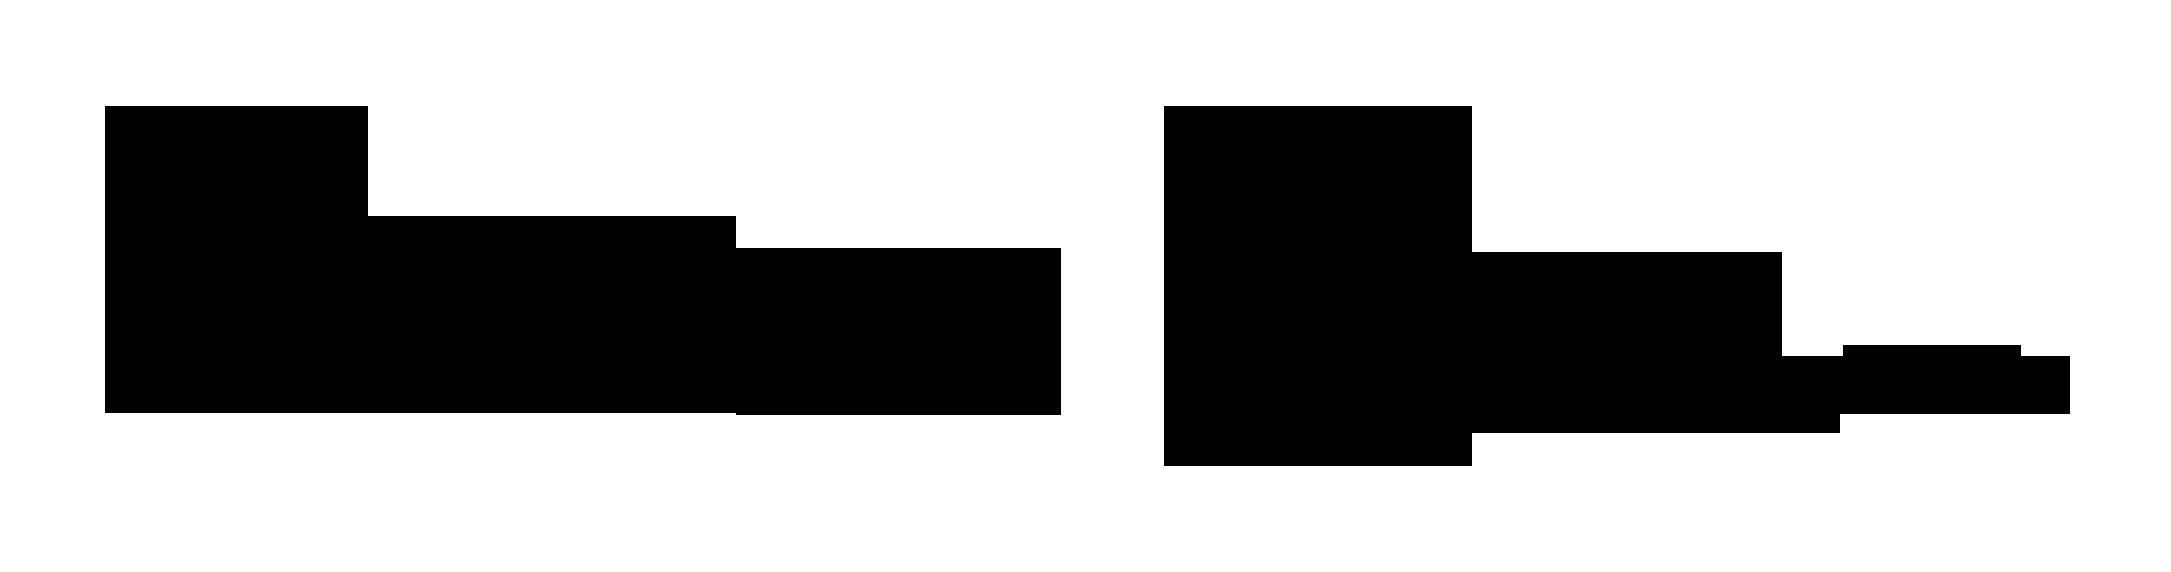 エイブリィ デニソン製の感圧ラベルと粘着剤 avery dennison lpm